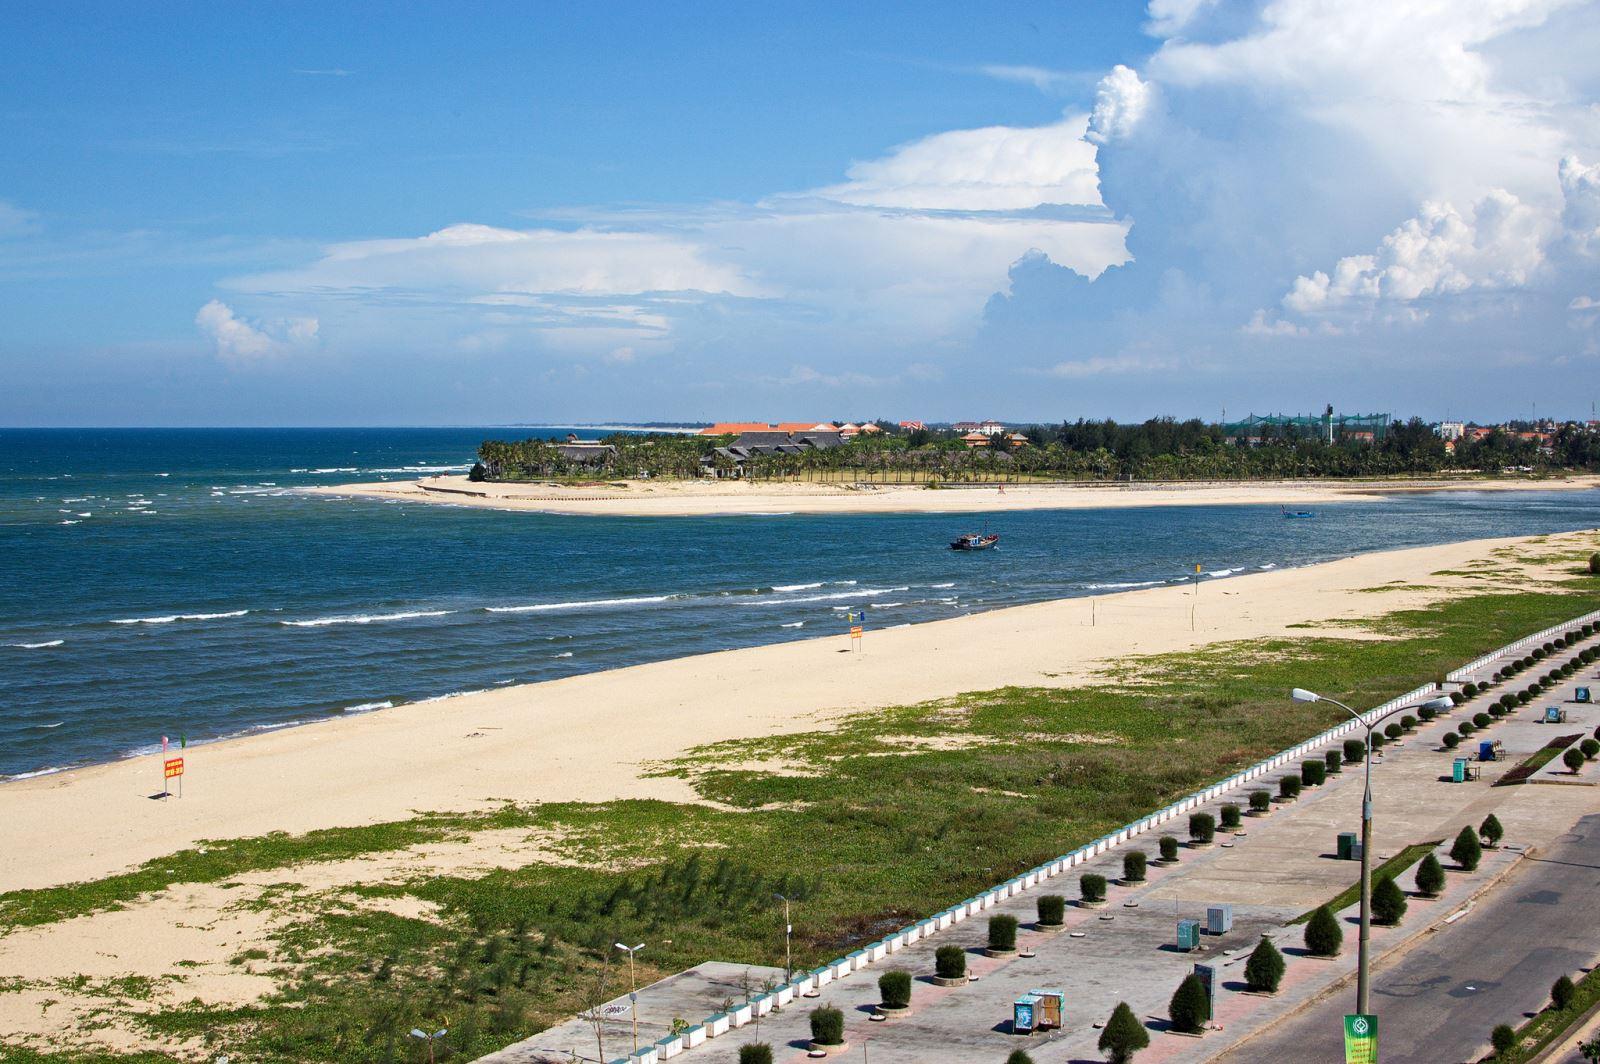 Biển Nhật Lệ điểm đến không thể bỏ qua nếu du lịch Quảng Bình